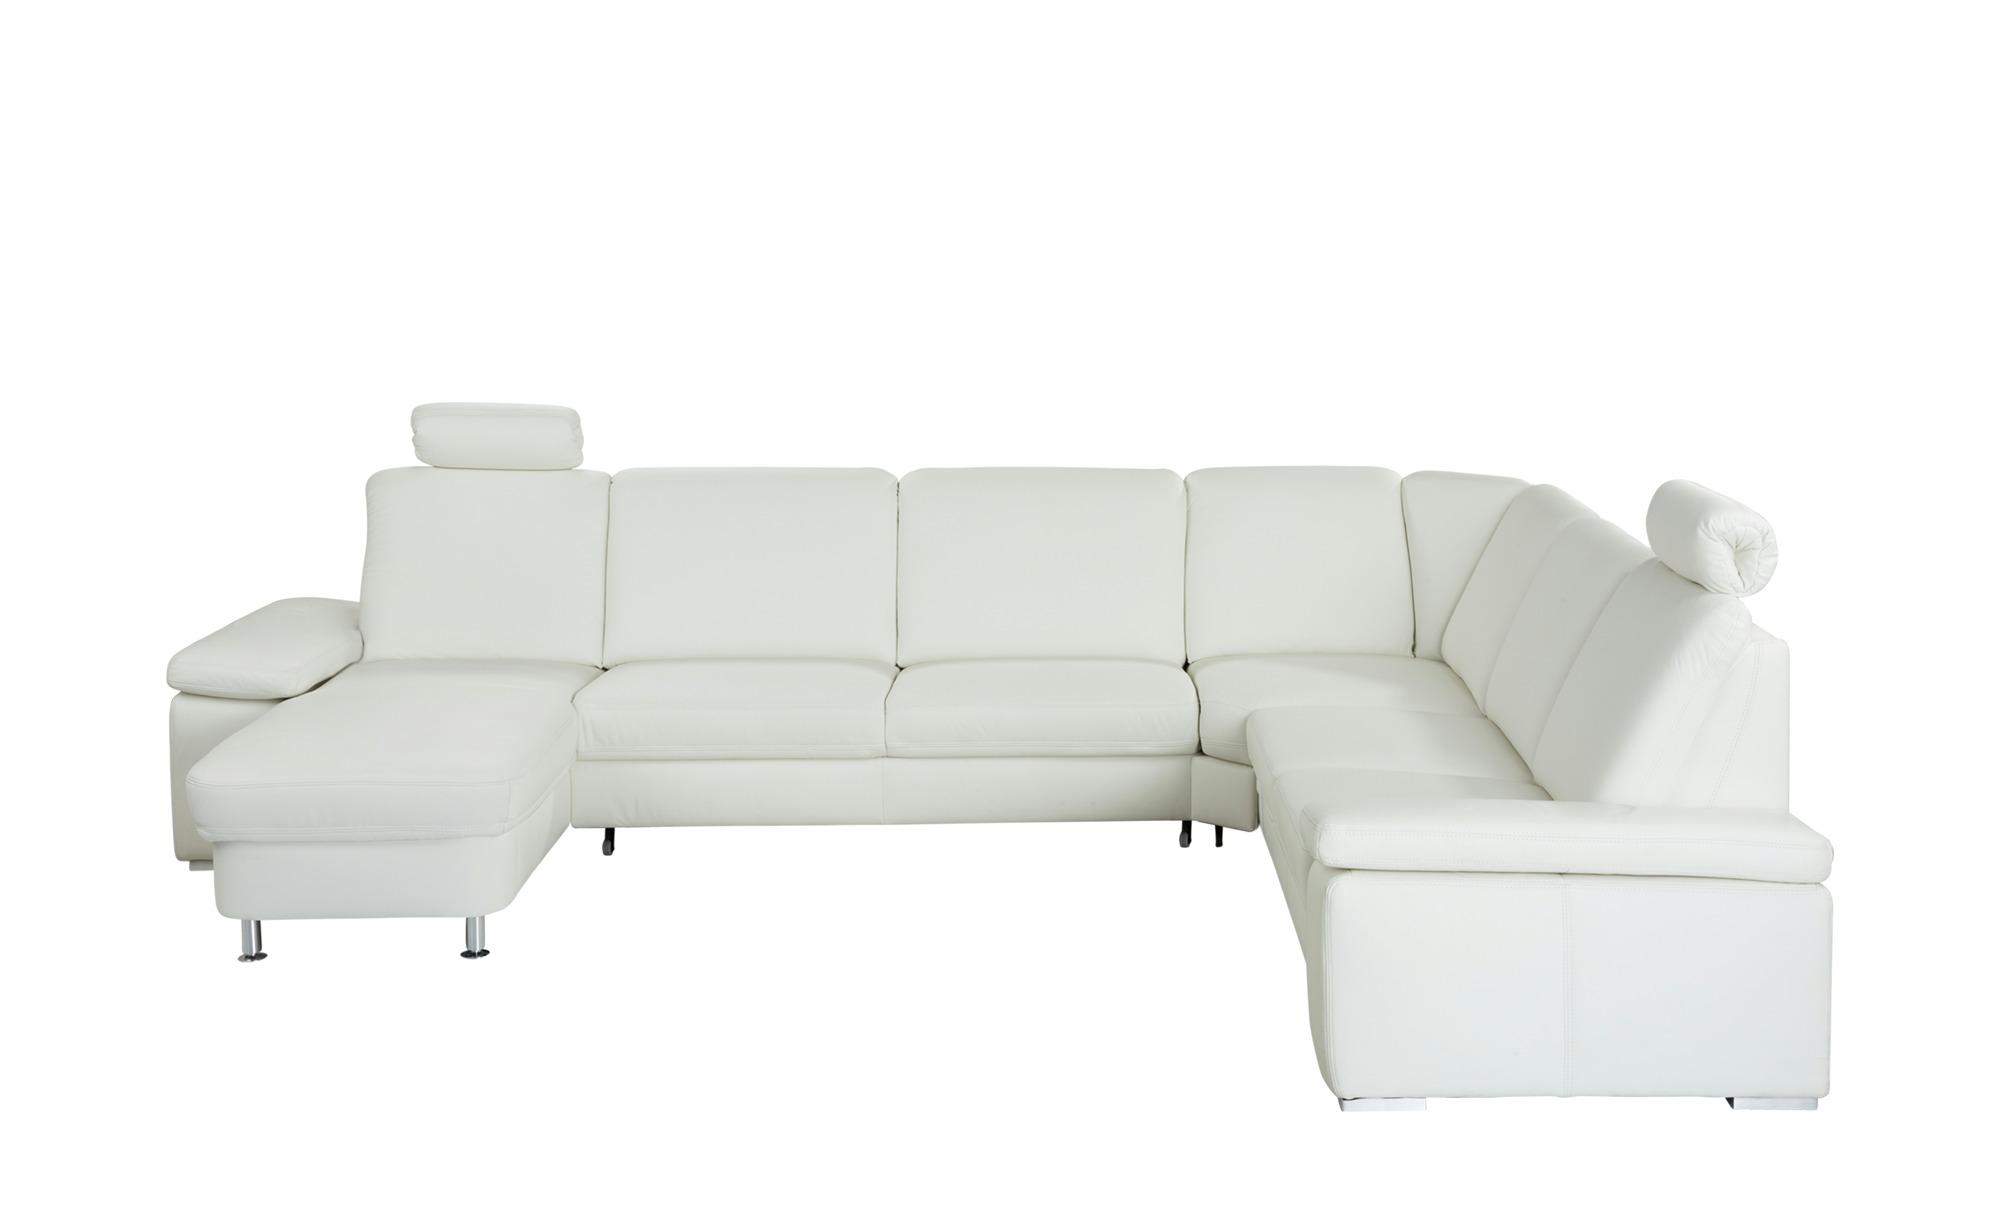 meinsofa leder elementgruppe mit funktion elsa breite h he 91 cm wei online kaufen bei woonio. Black Bedroom Furniture Sets. Home Design Ideas